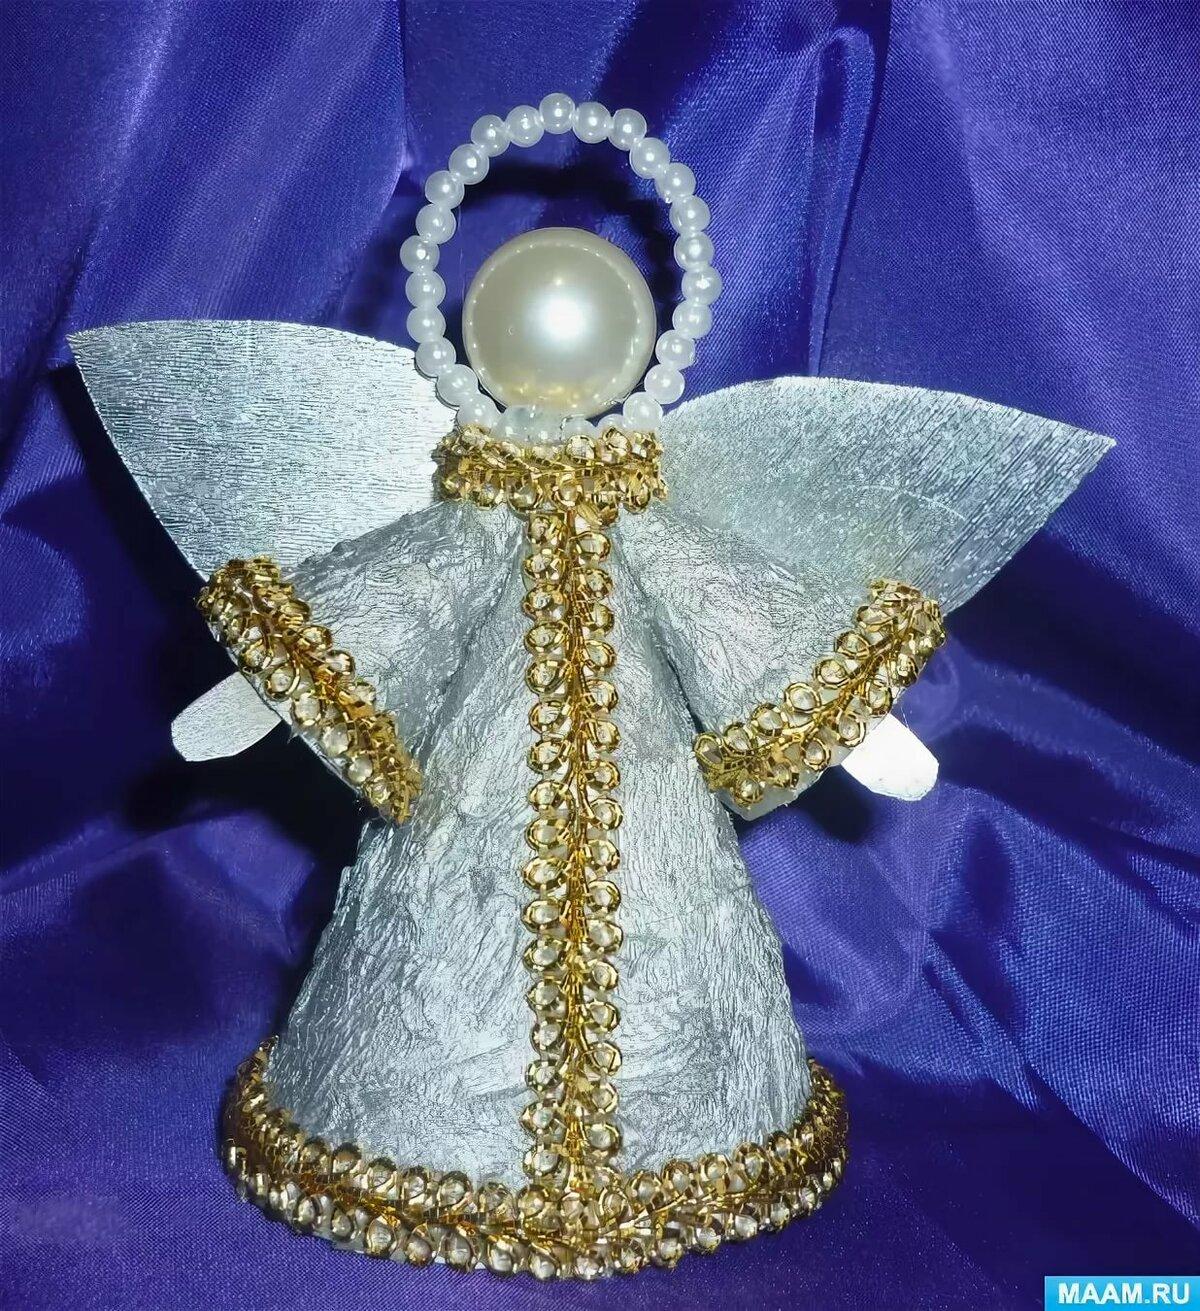 ангелочек картинка для поделки сефиляна уверены